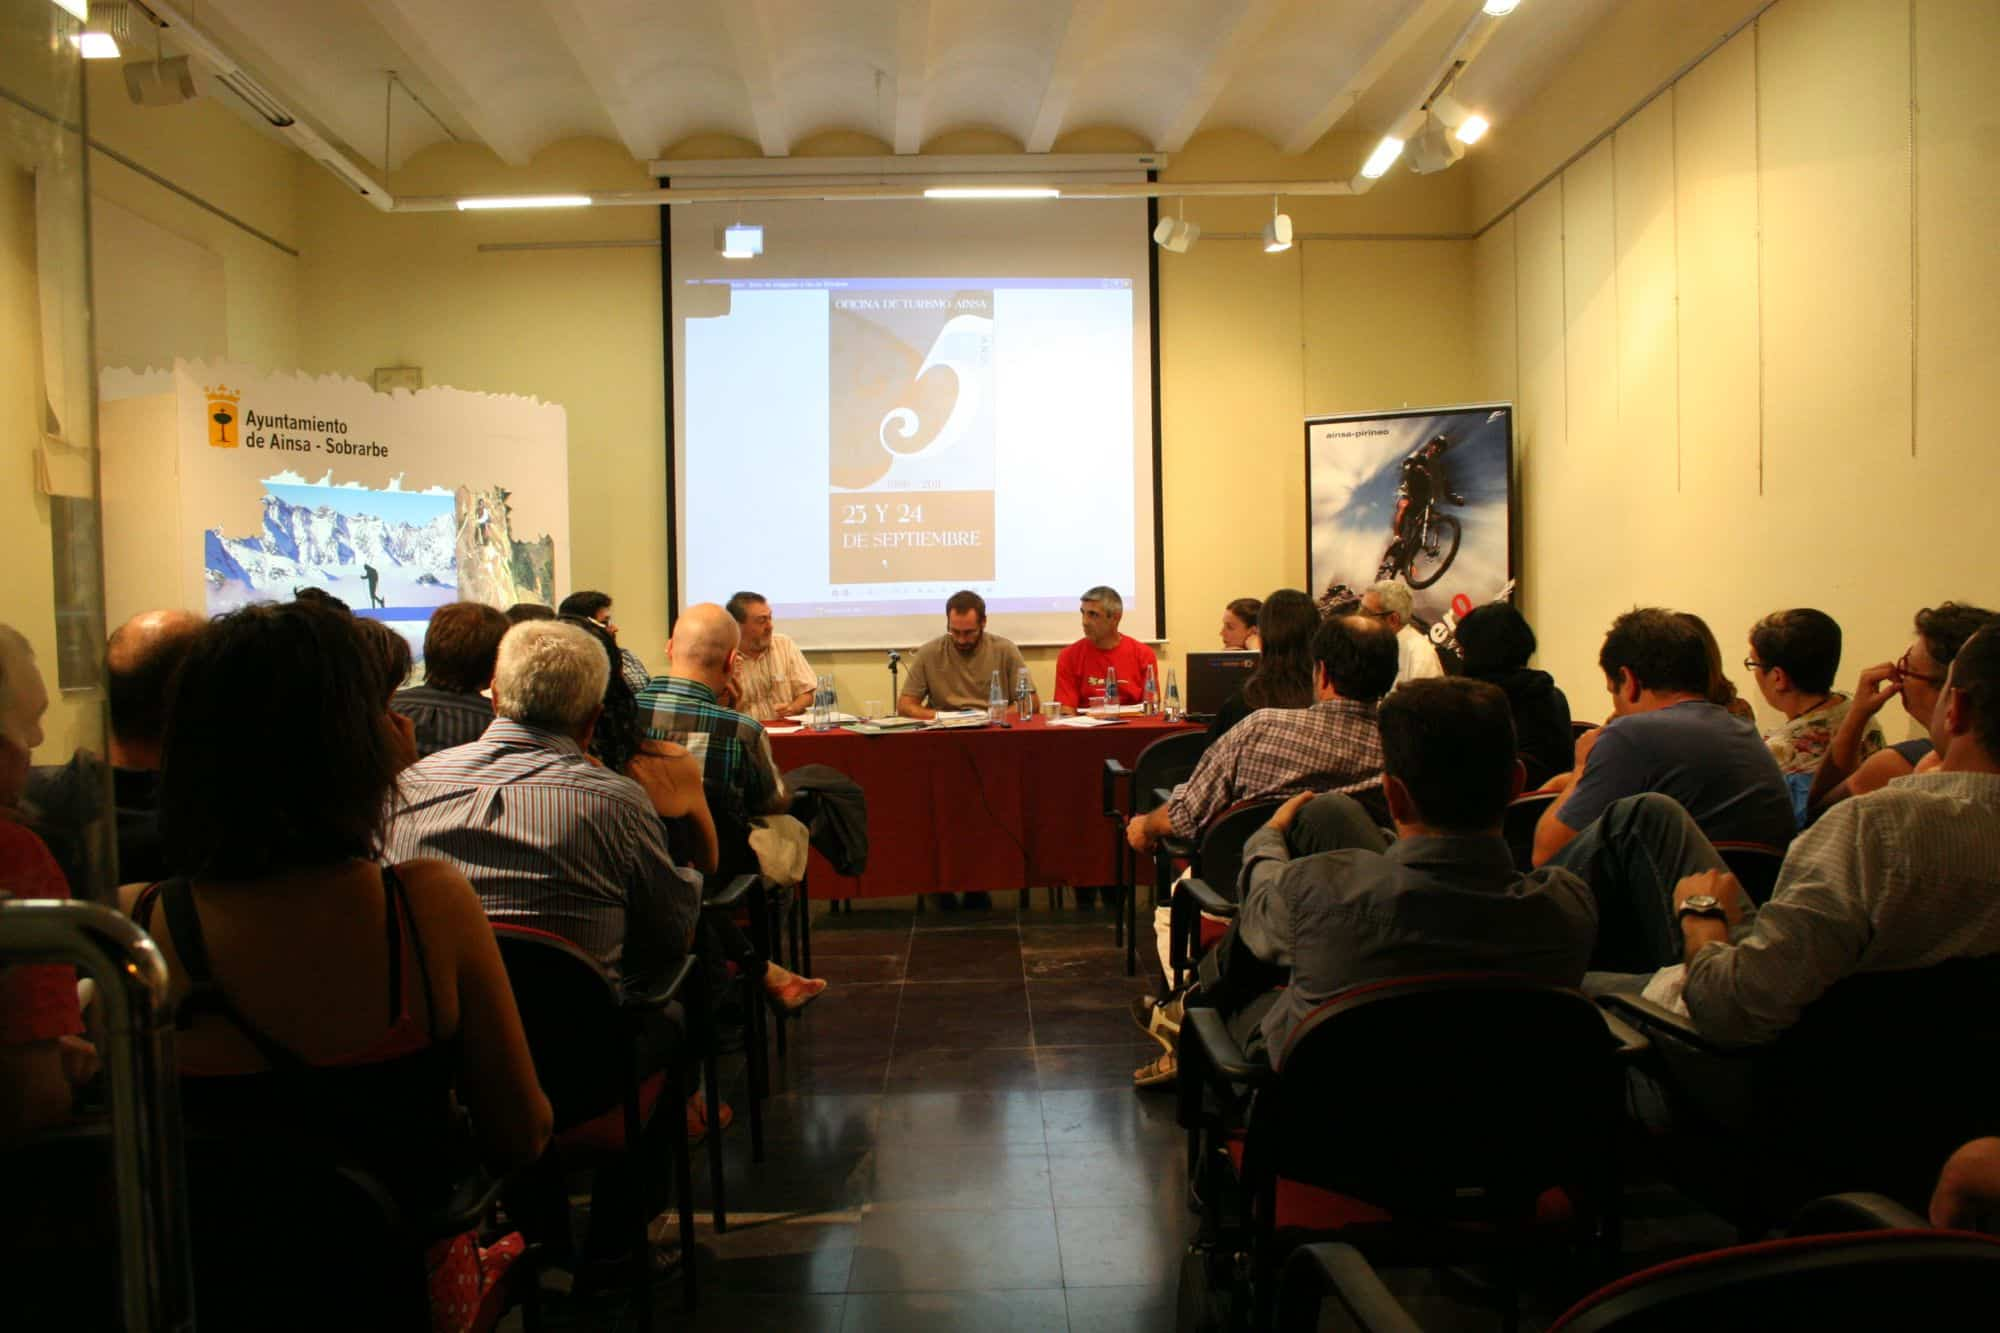 25 Aniversario de la Oficina de Turismo de Aínsa